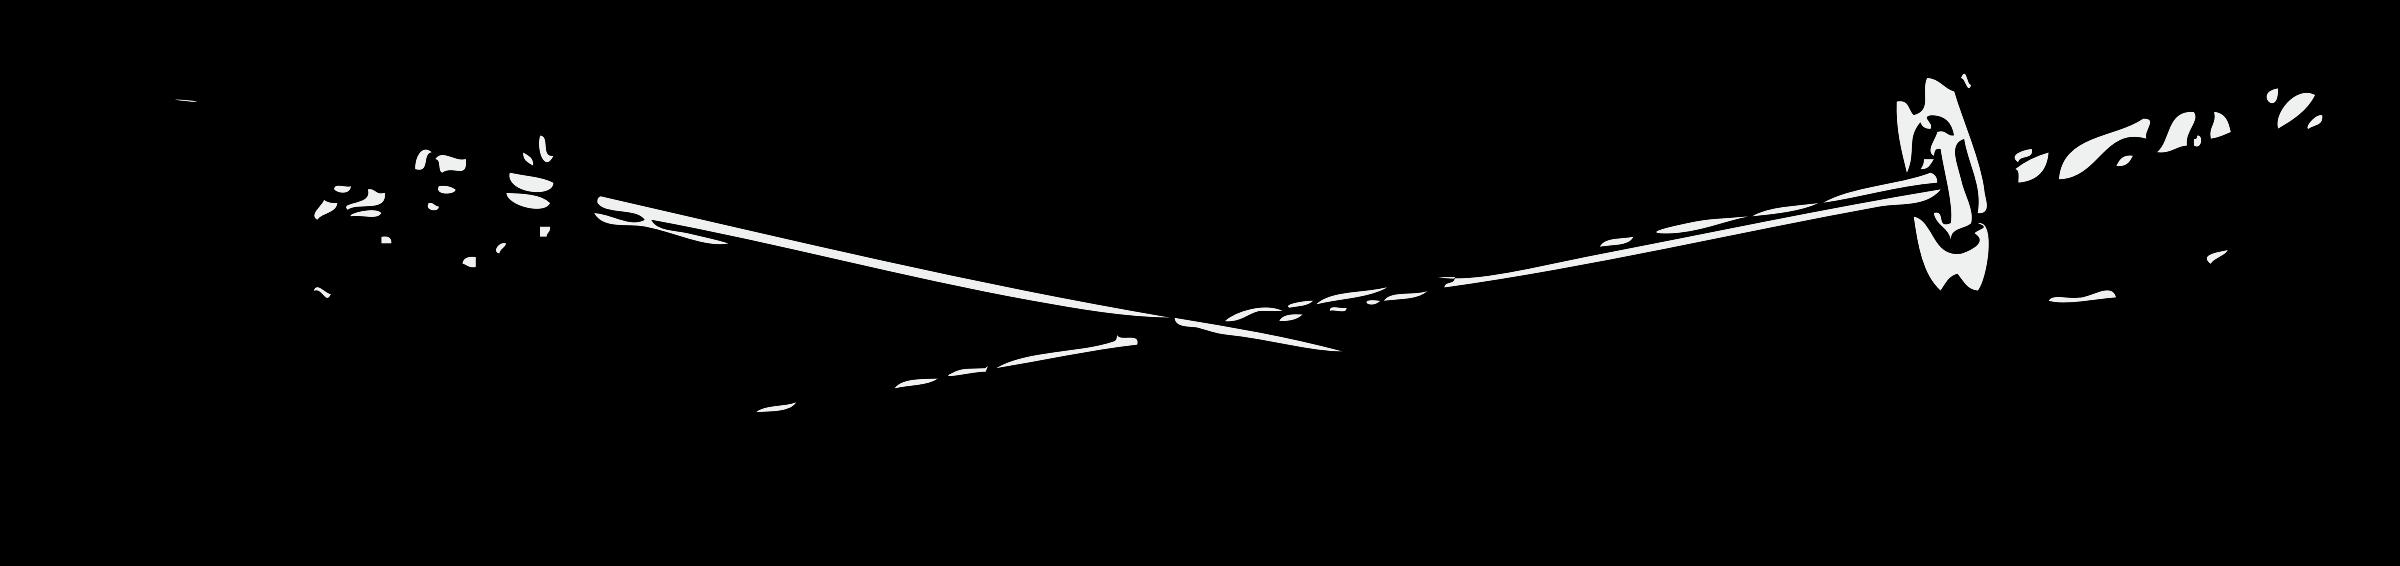 Crossed swords png hd. Clipart sword fancy